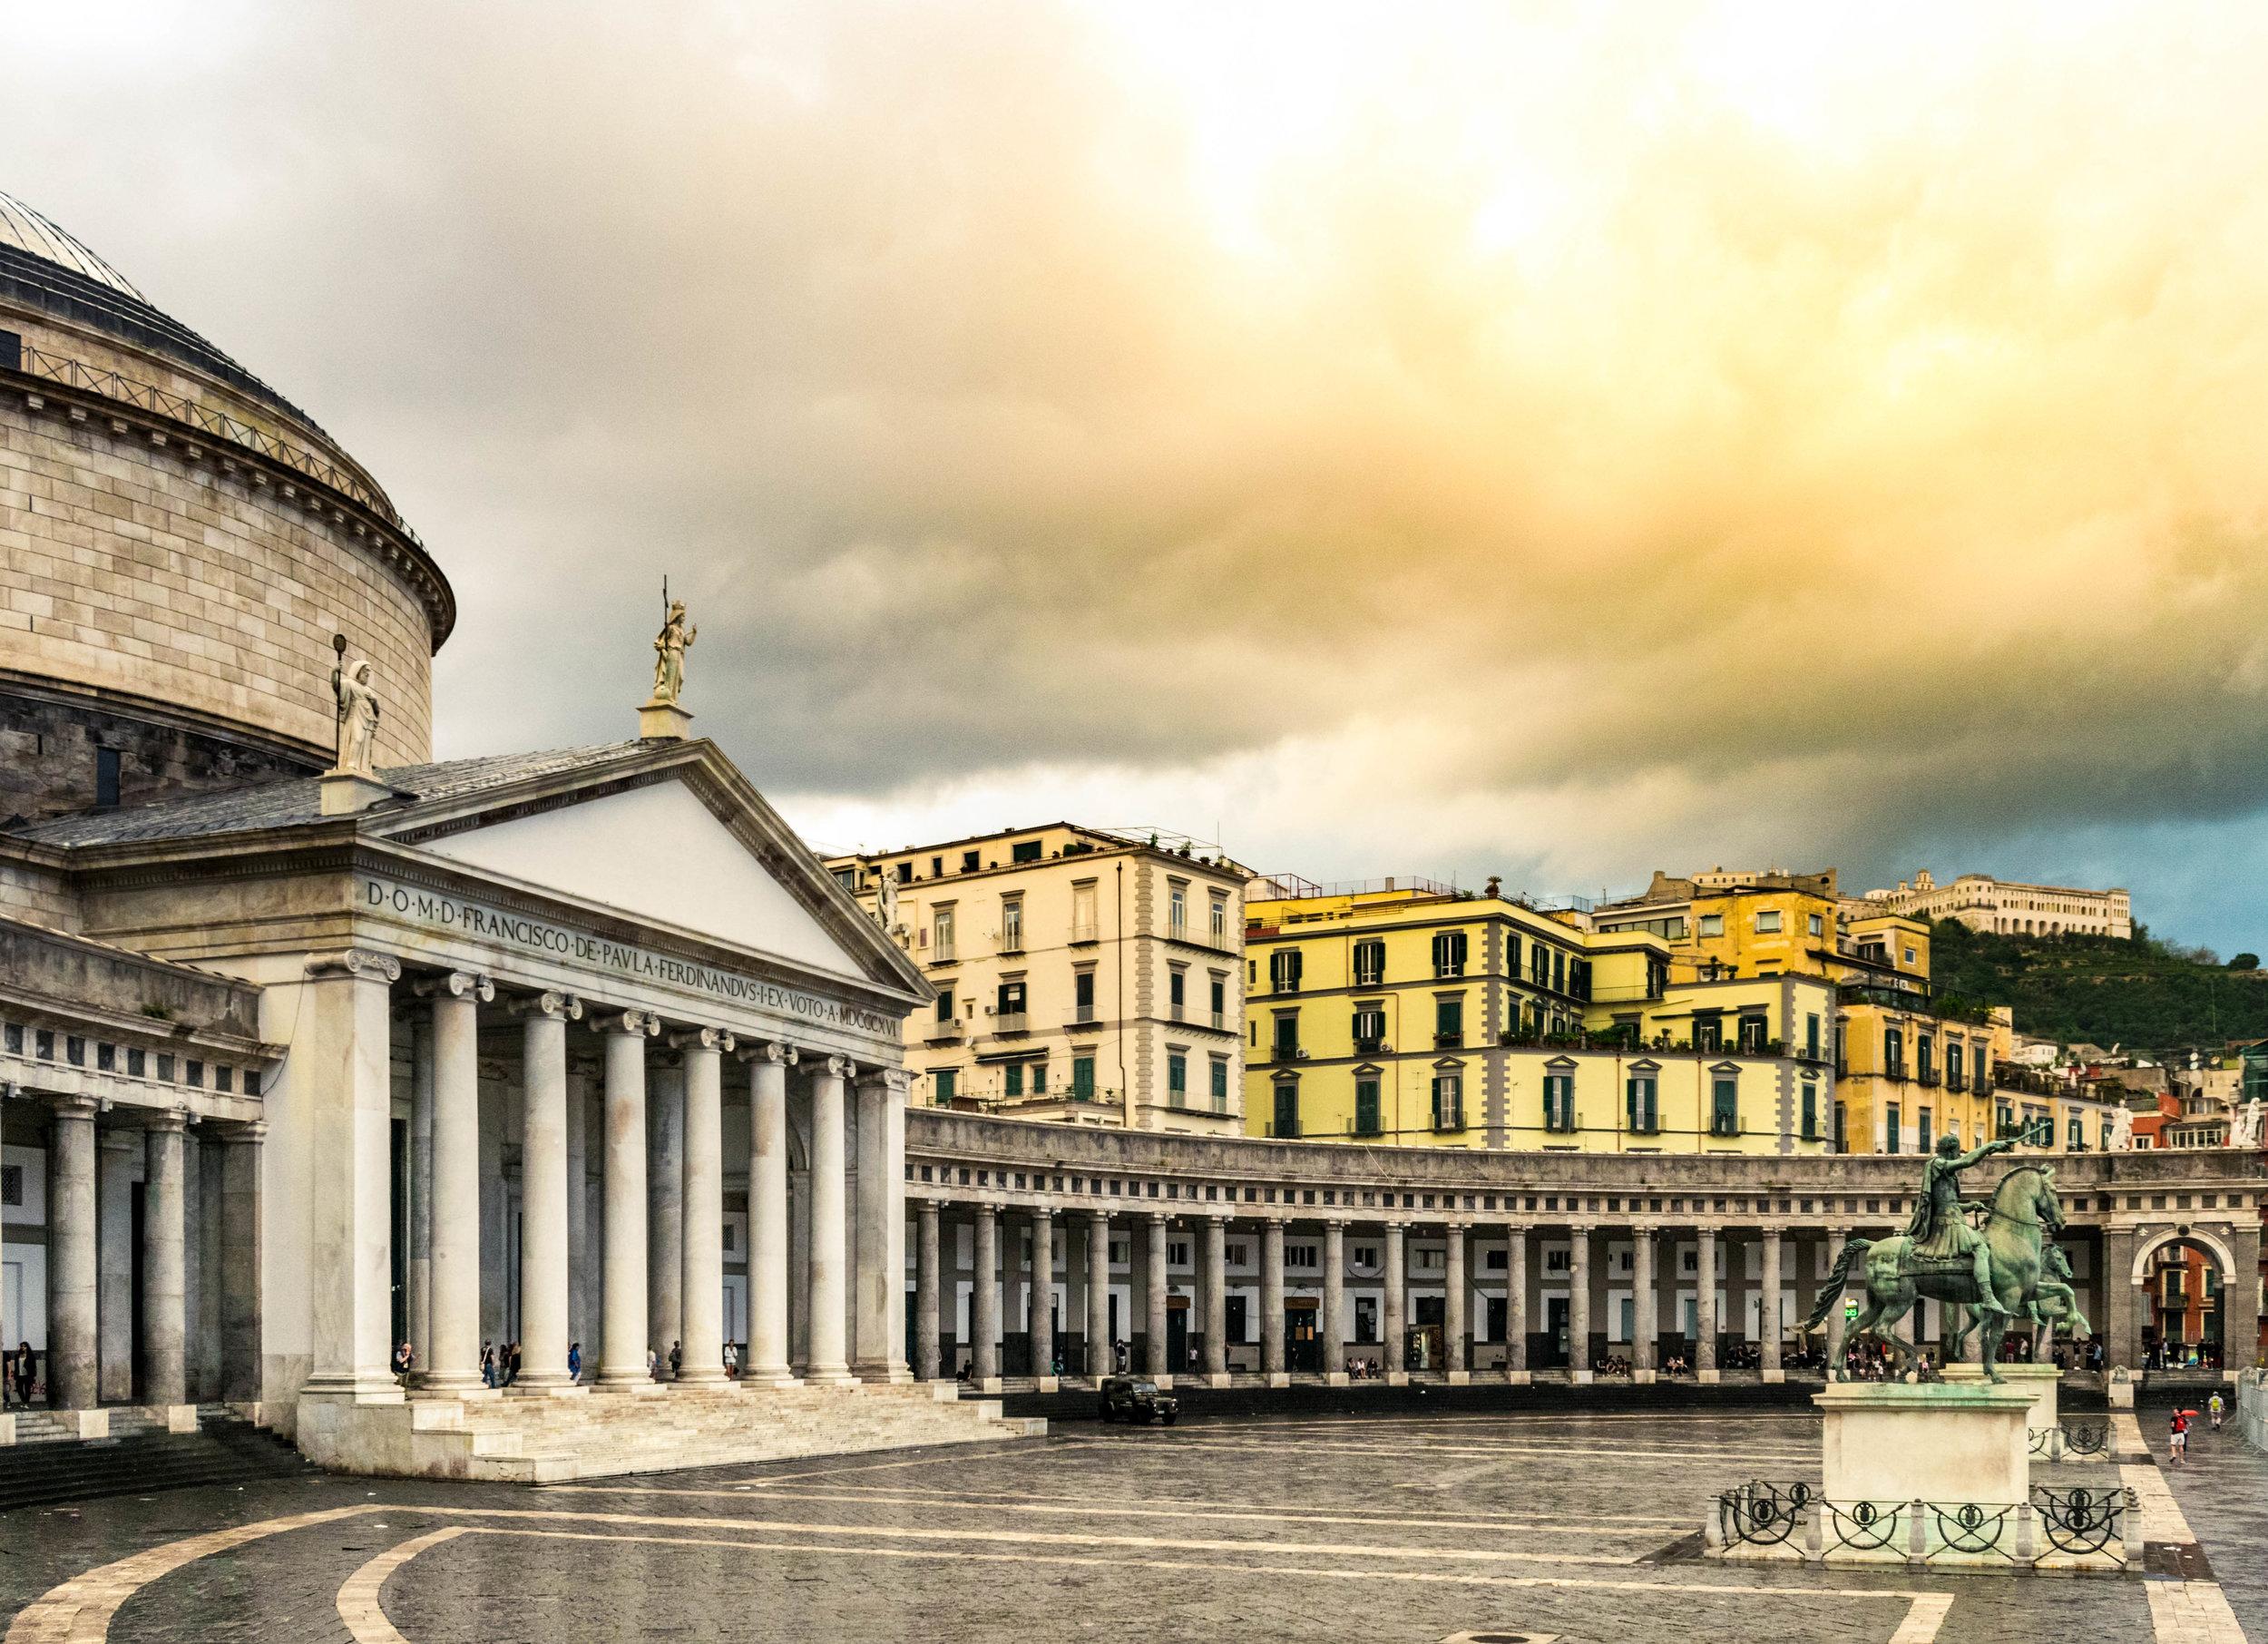 San Francesco di Paola - A church in Naples